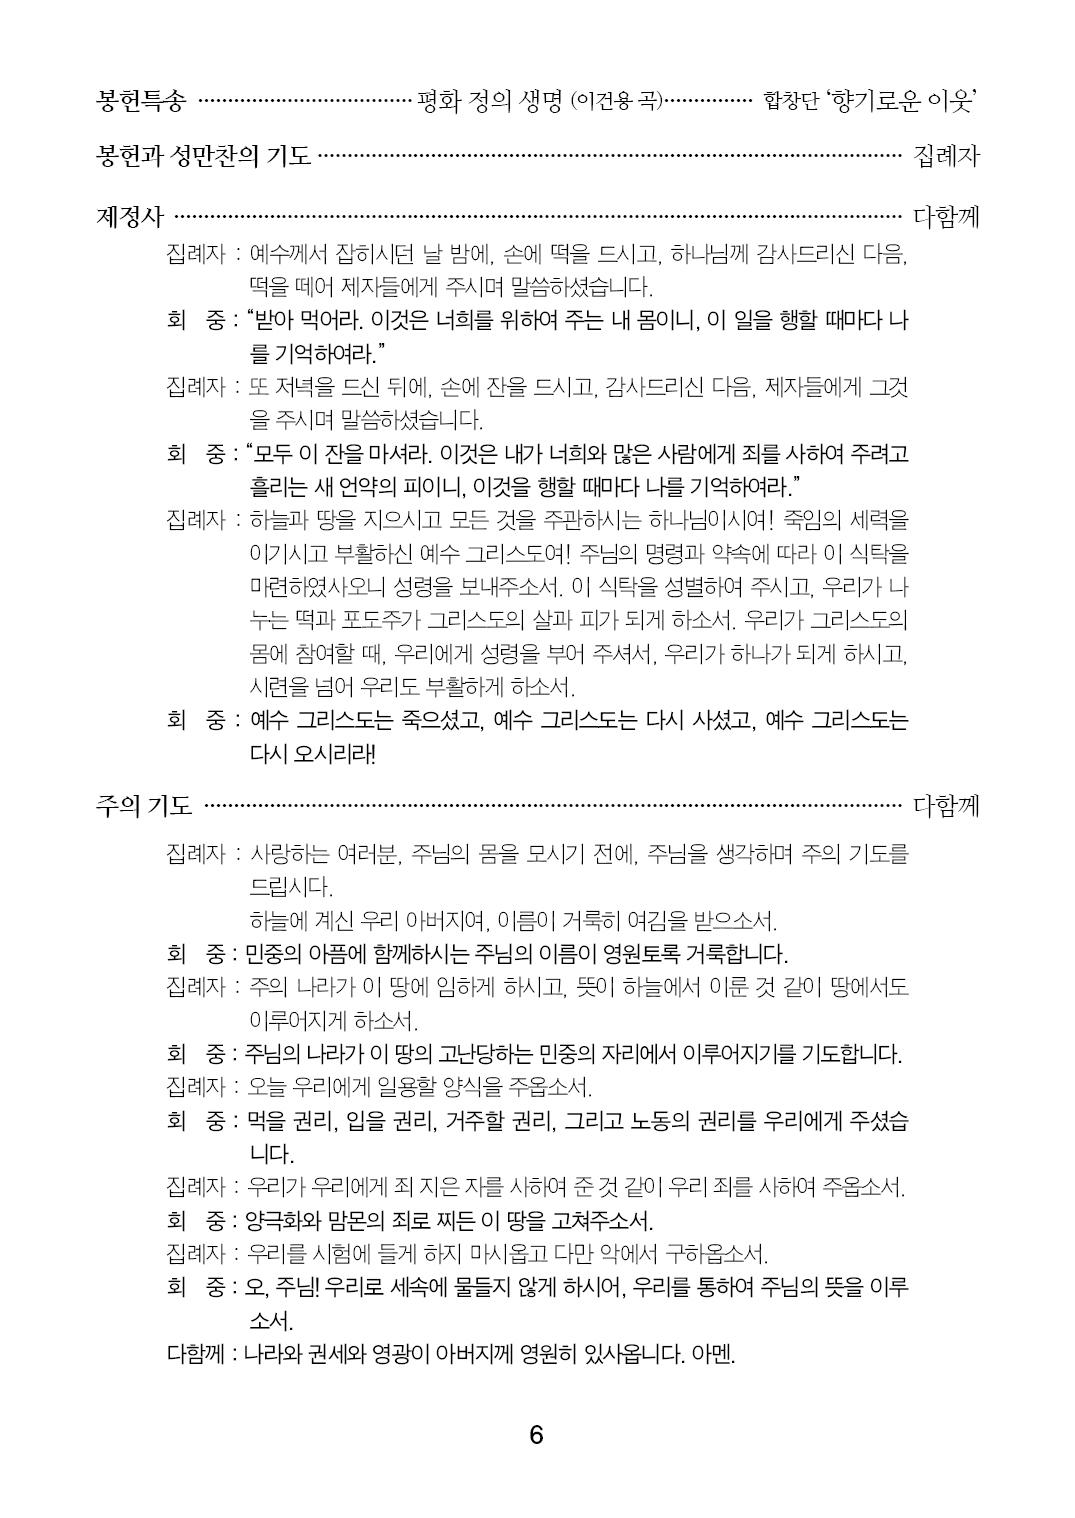 2013부활절연합예배_순서지6.jpg